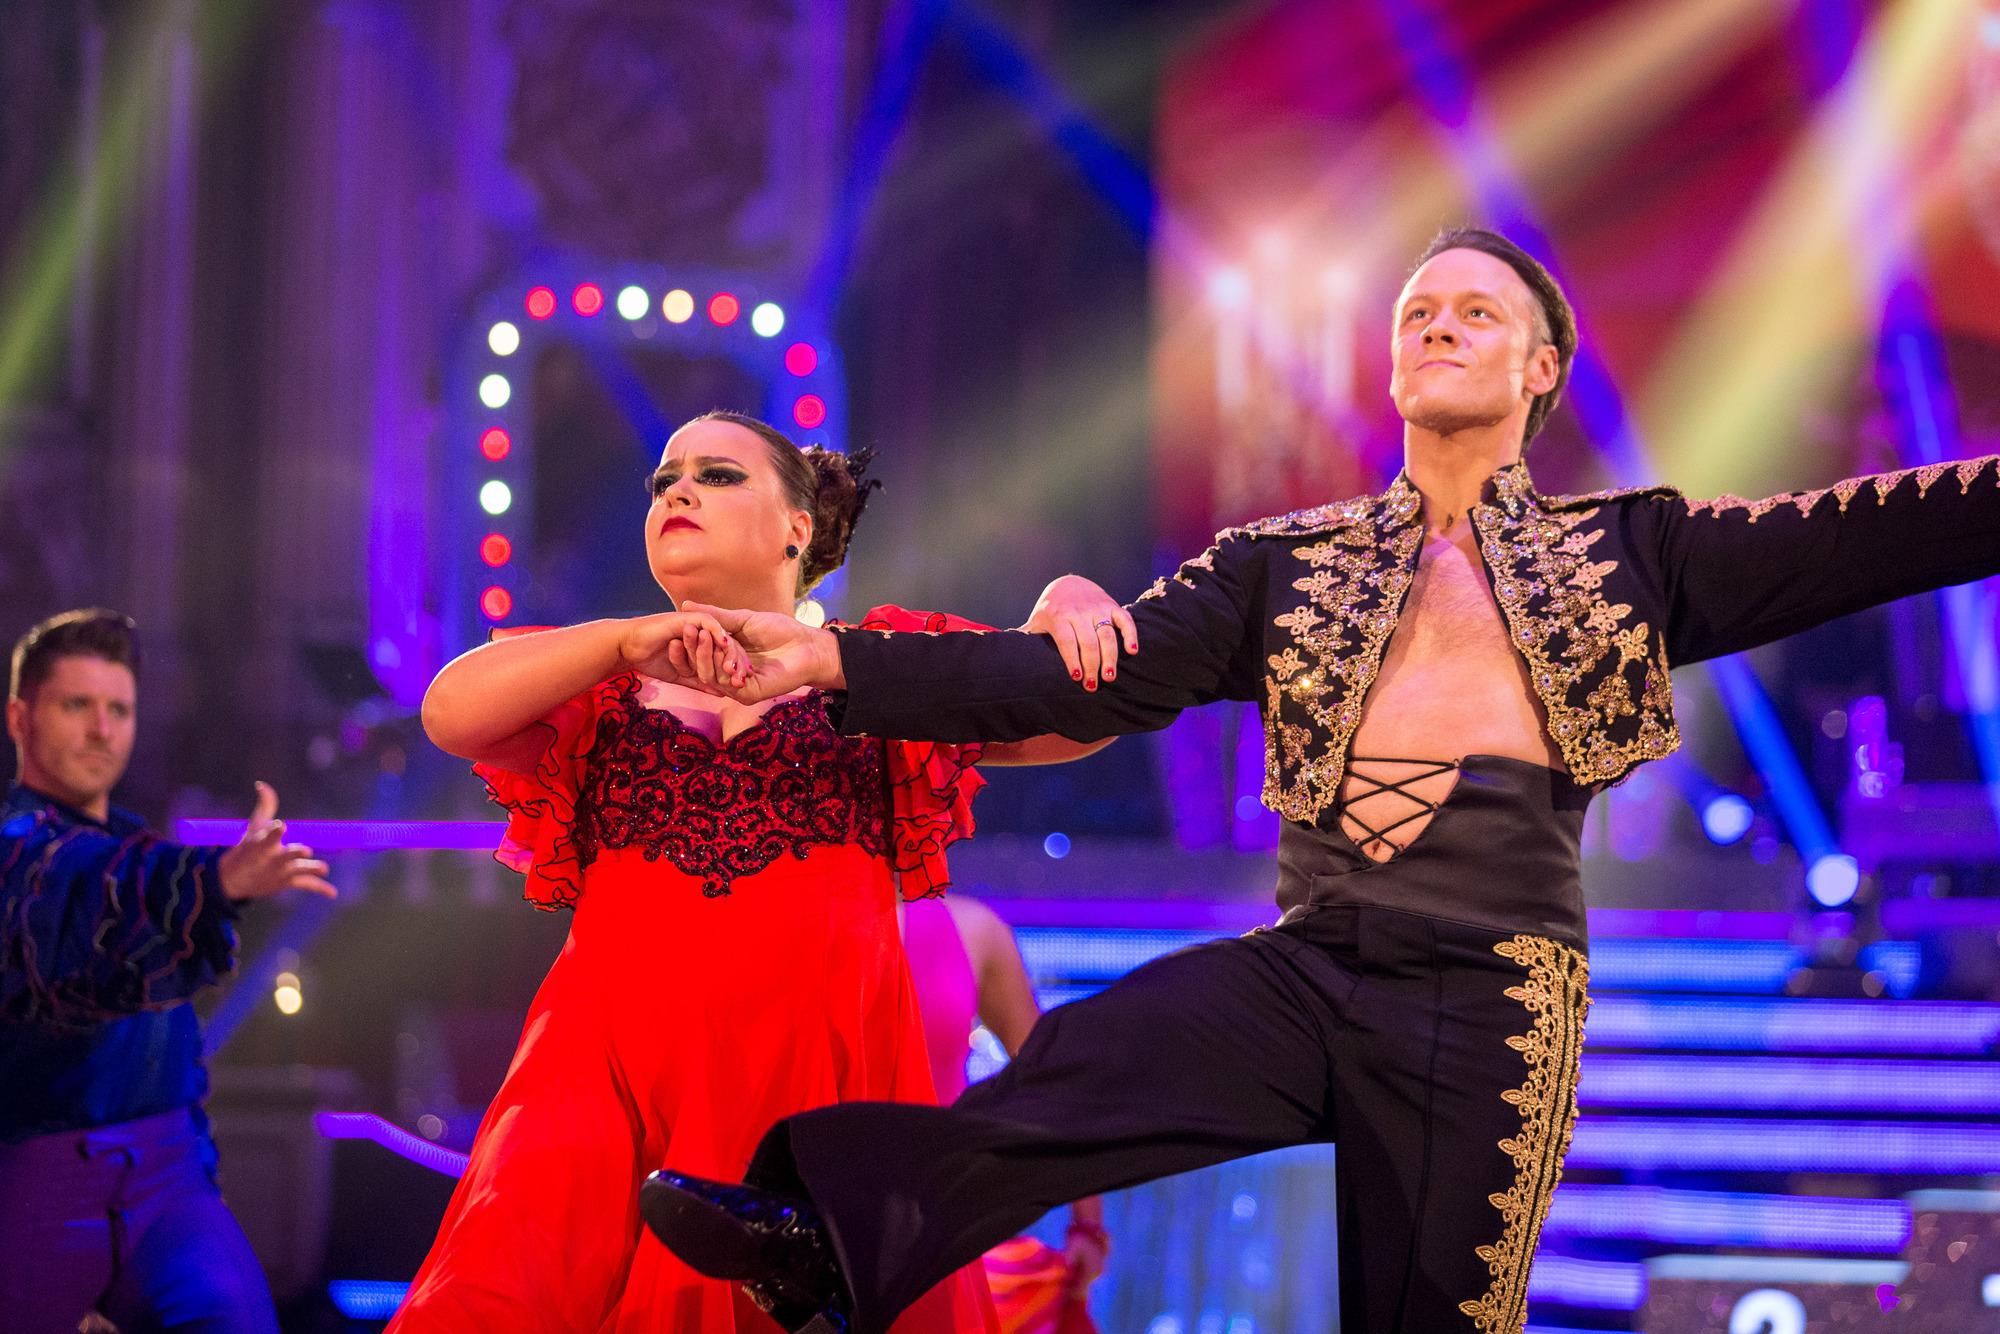 Learn ballroom dancing geelong australia